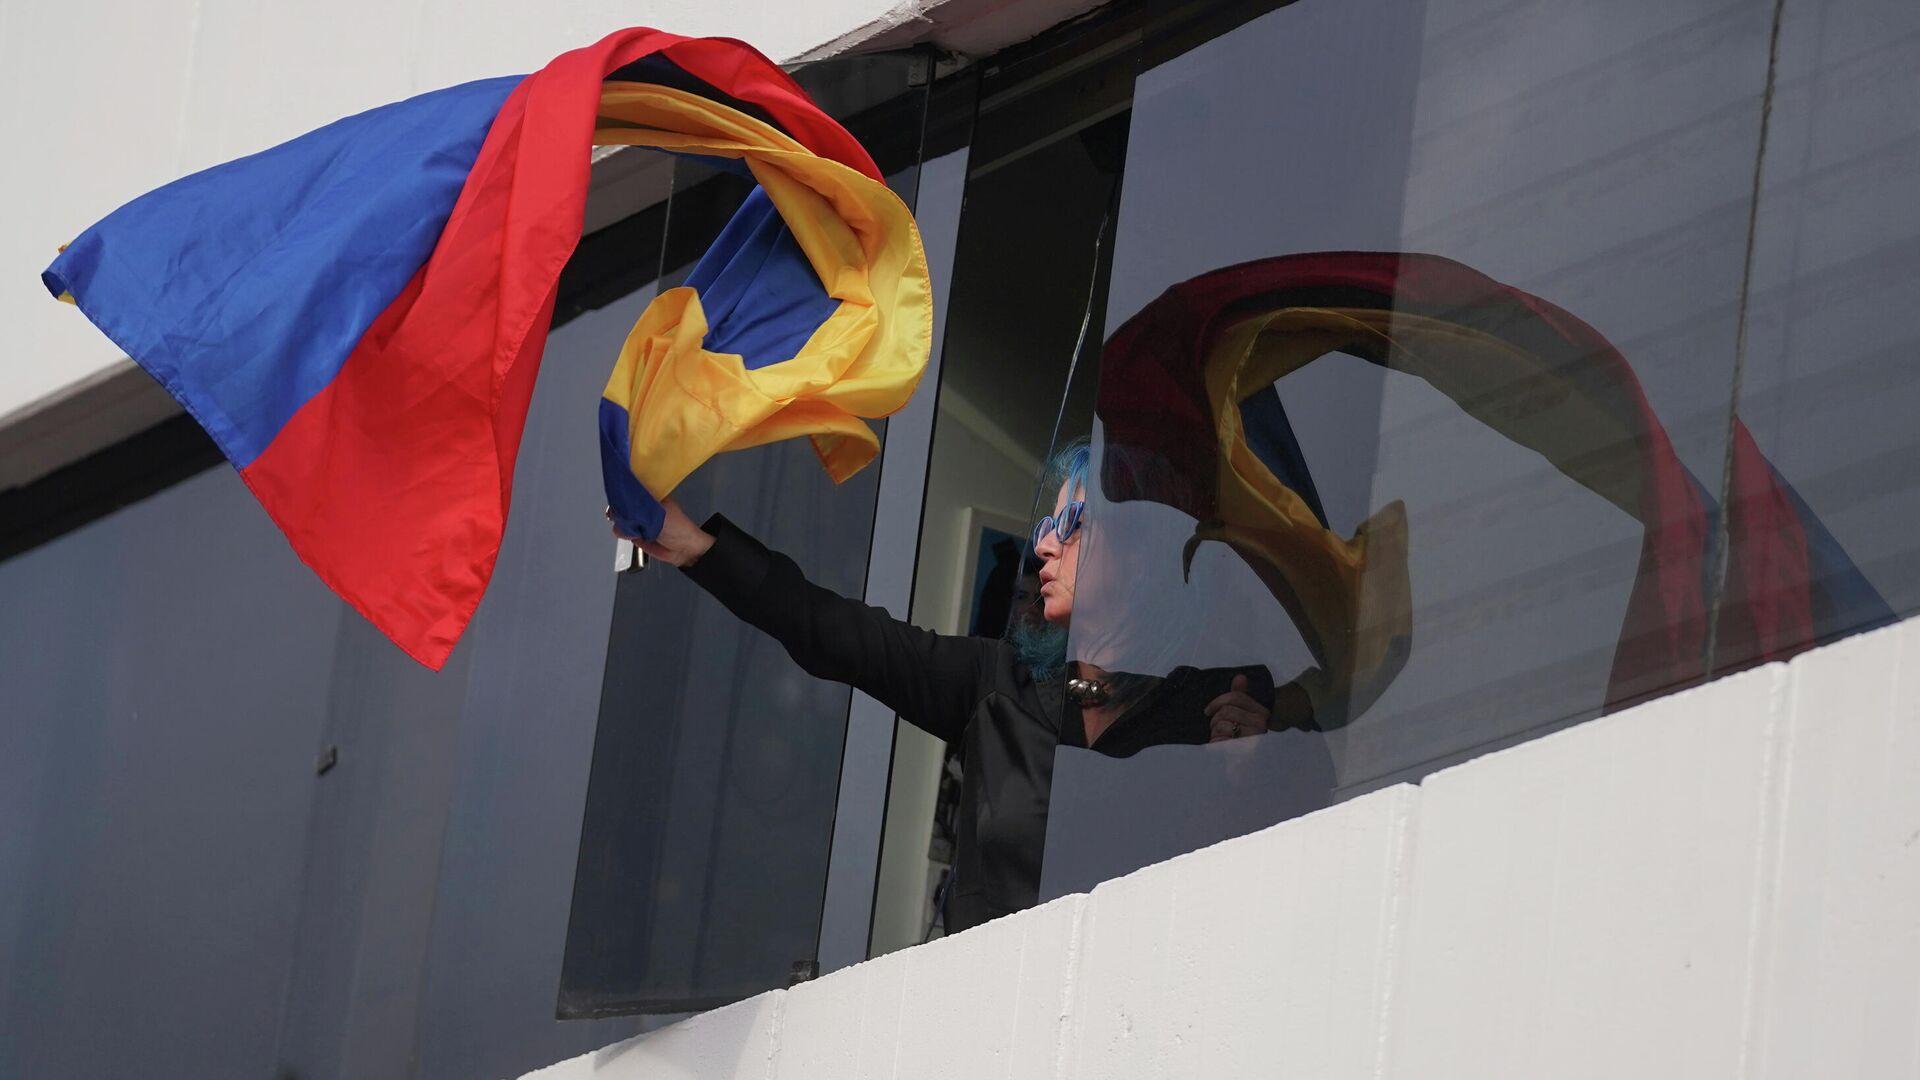 Una mujer saca una bandera de Colombia por la ventana durante las protestas en Colombia - Sputnik Mundo, 1920, 05.05.2021